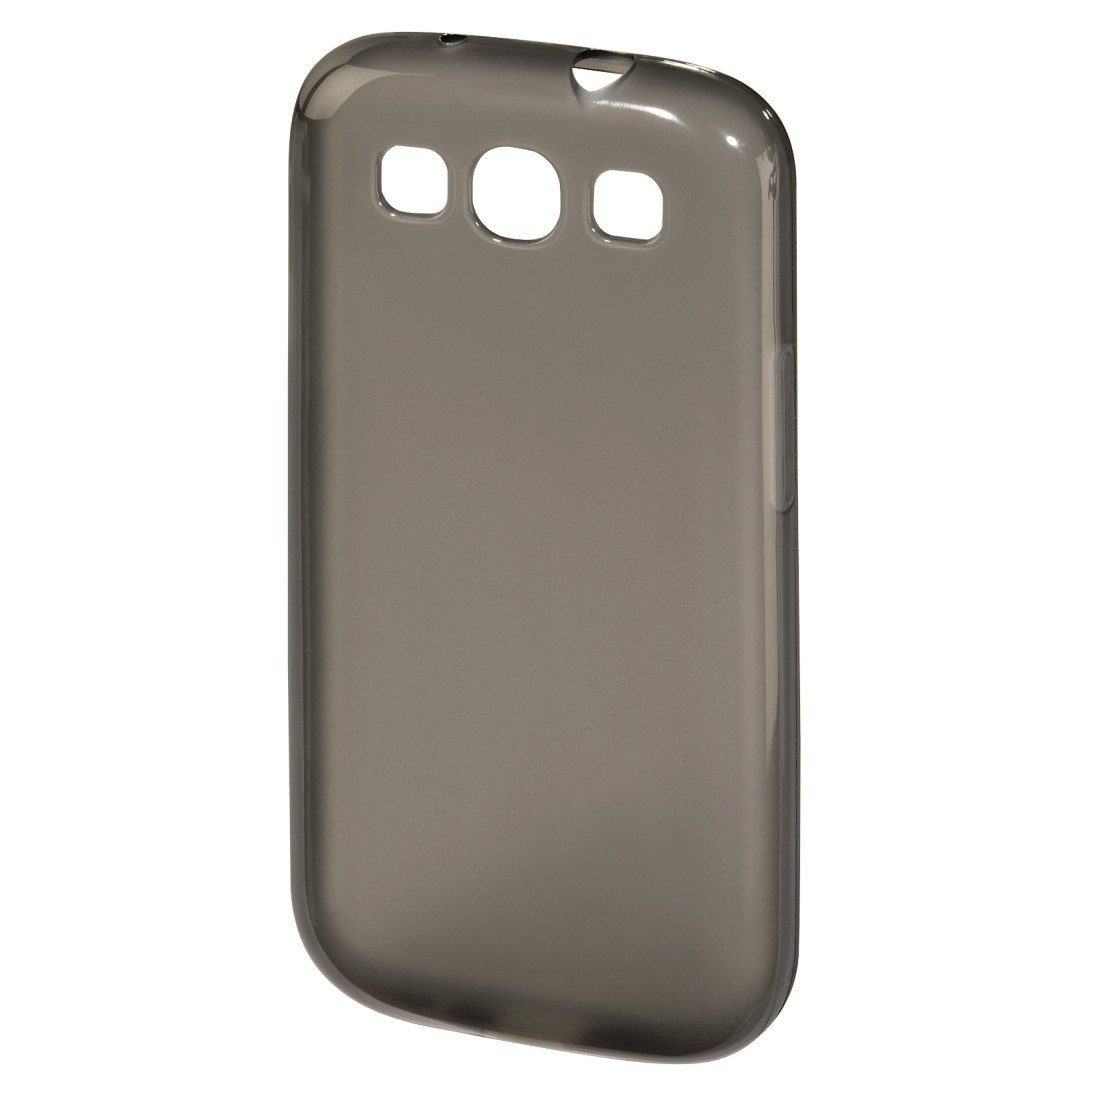 Hama Handy-Cover Crystal für Samsung Galaxy S III/S III Neo, Grau